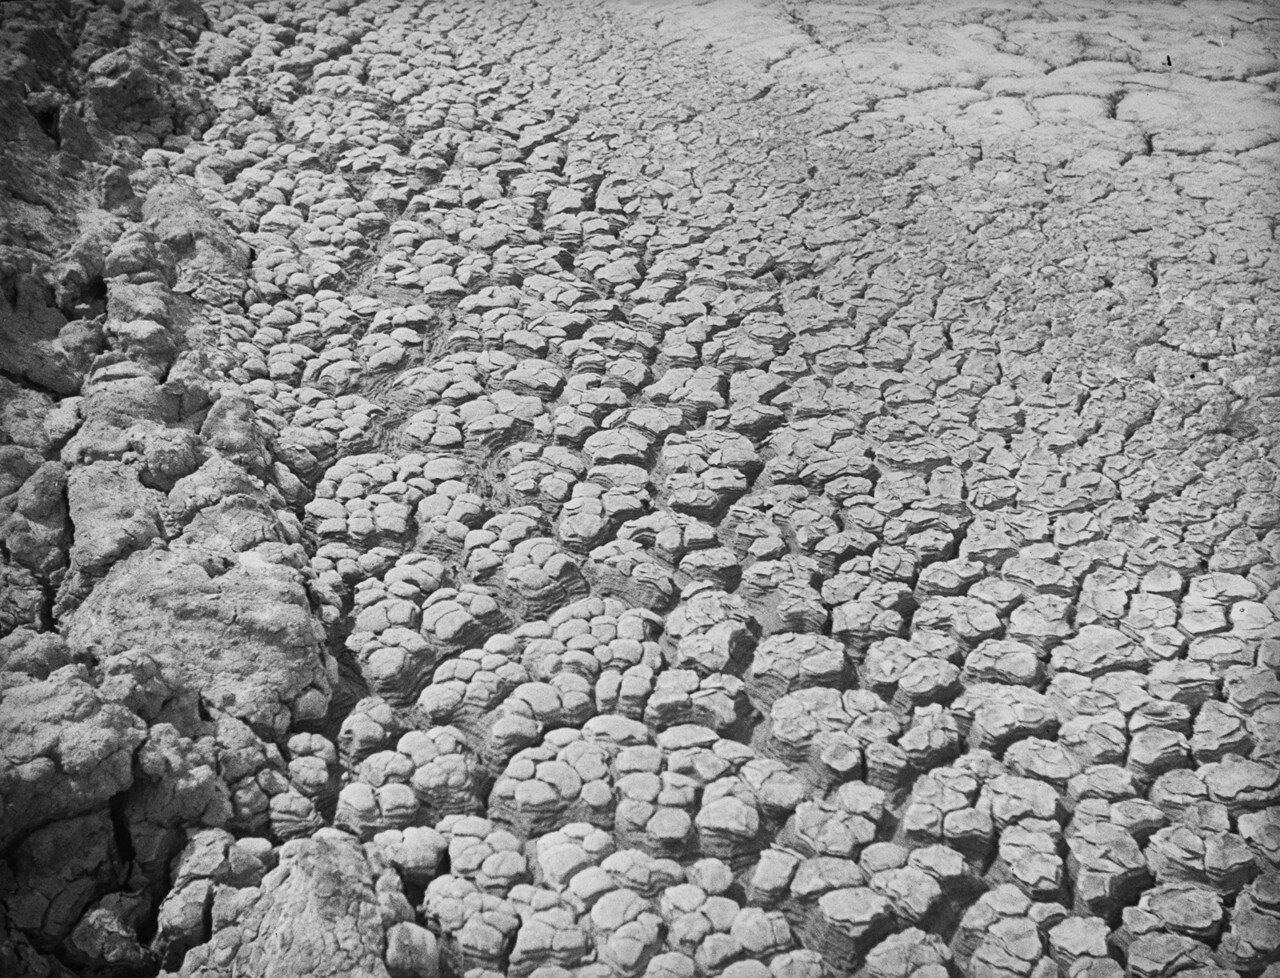 Южно-Сахалинский грязевой вулкан. Зона I (внешняя зона)